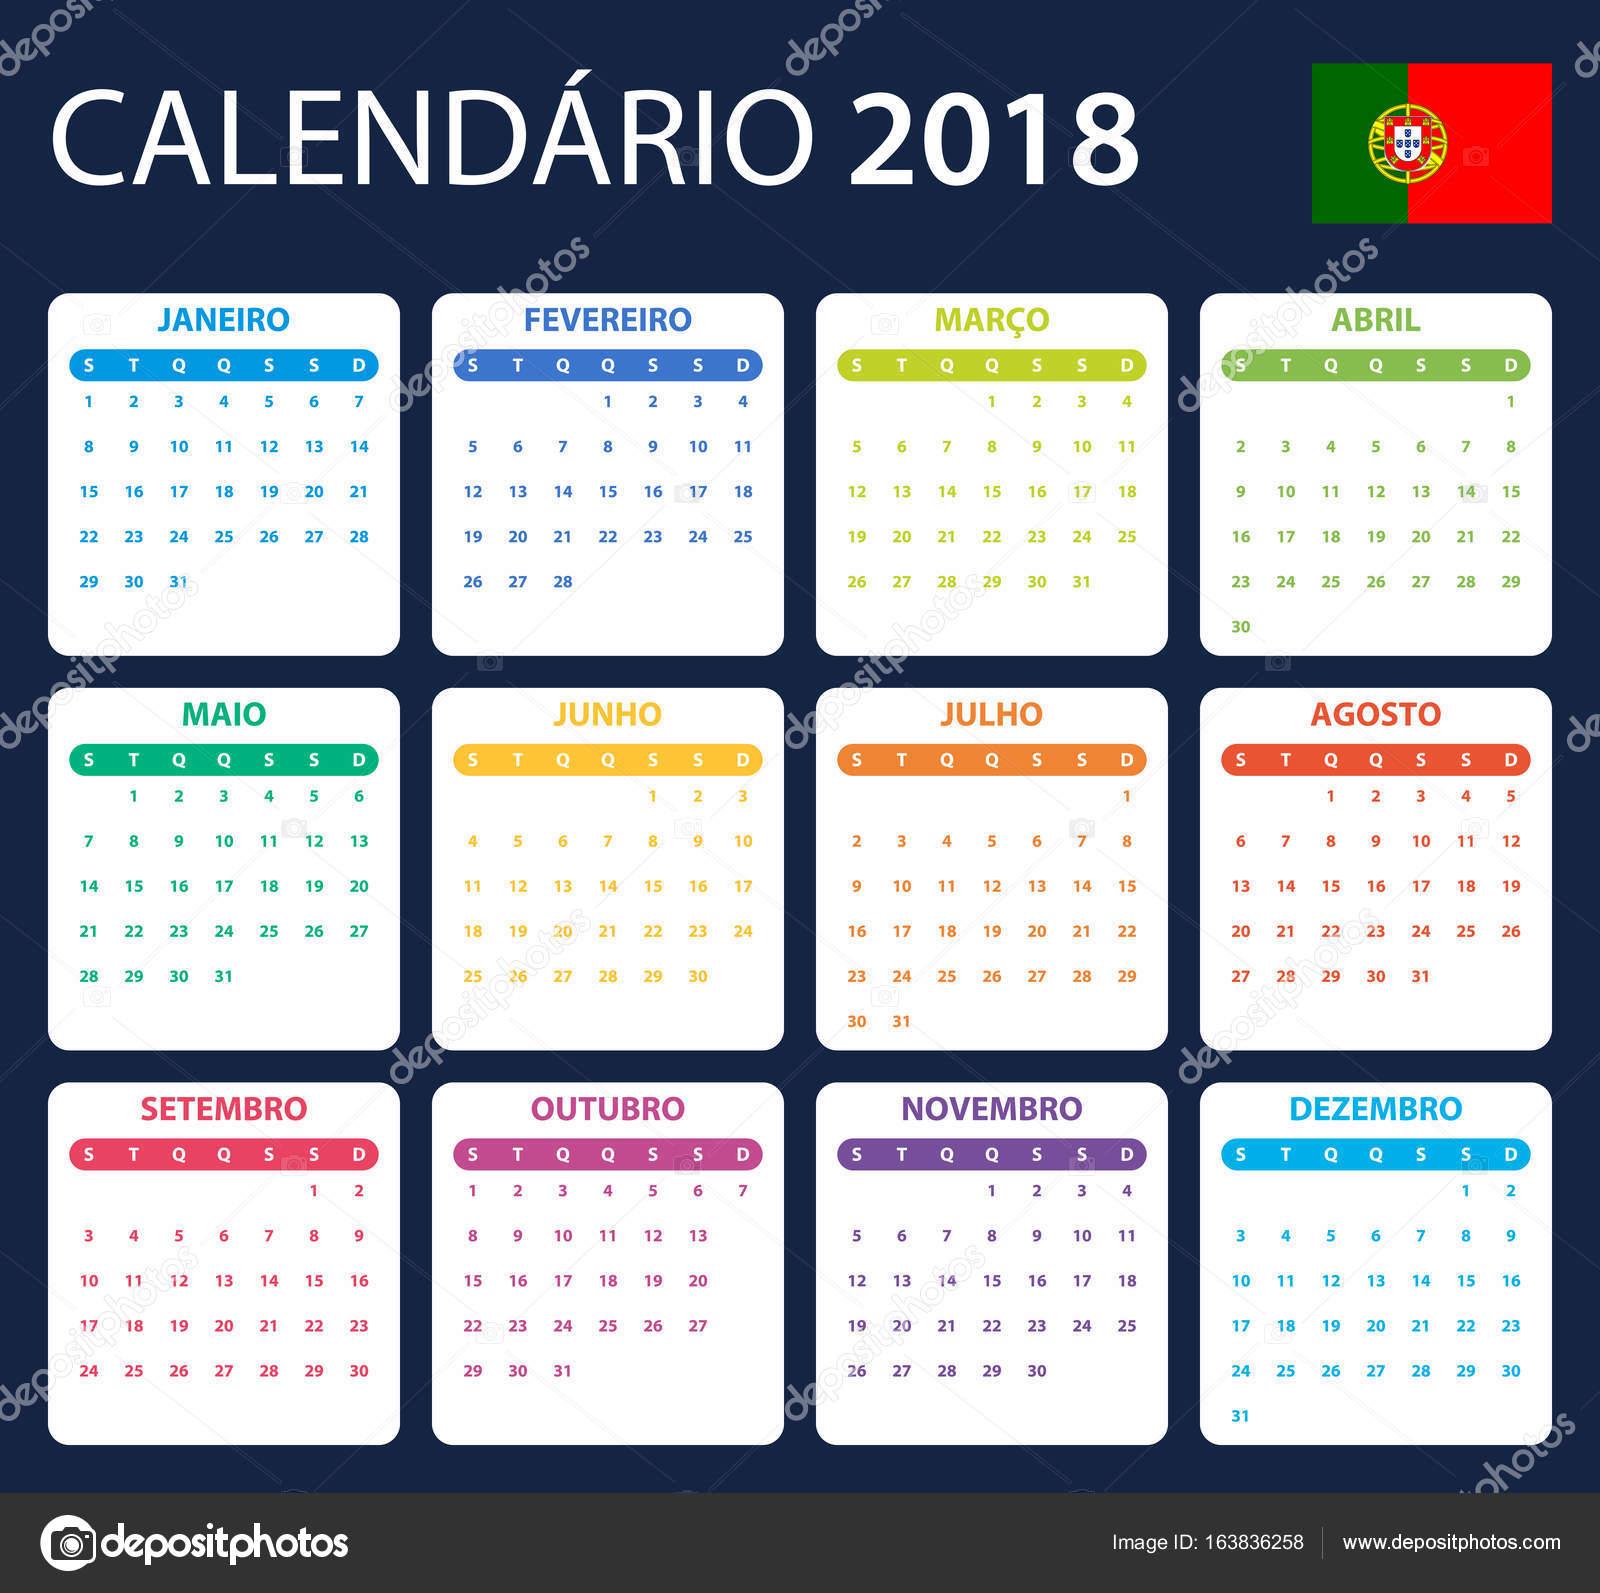 Calend rio portugu s para 2018 modelo de agendador for Calendario de pared 2018